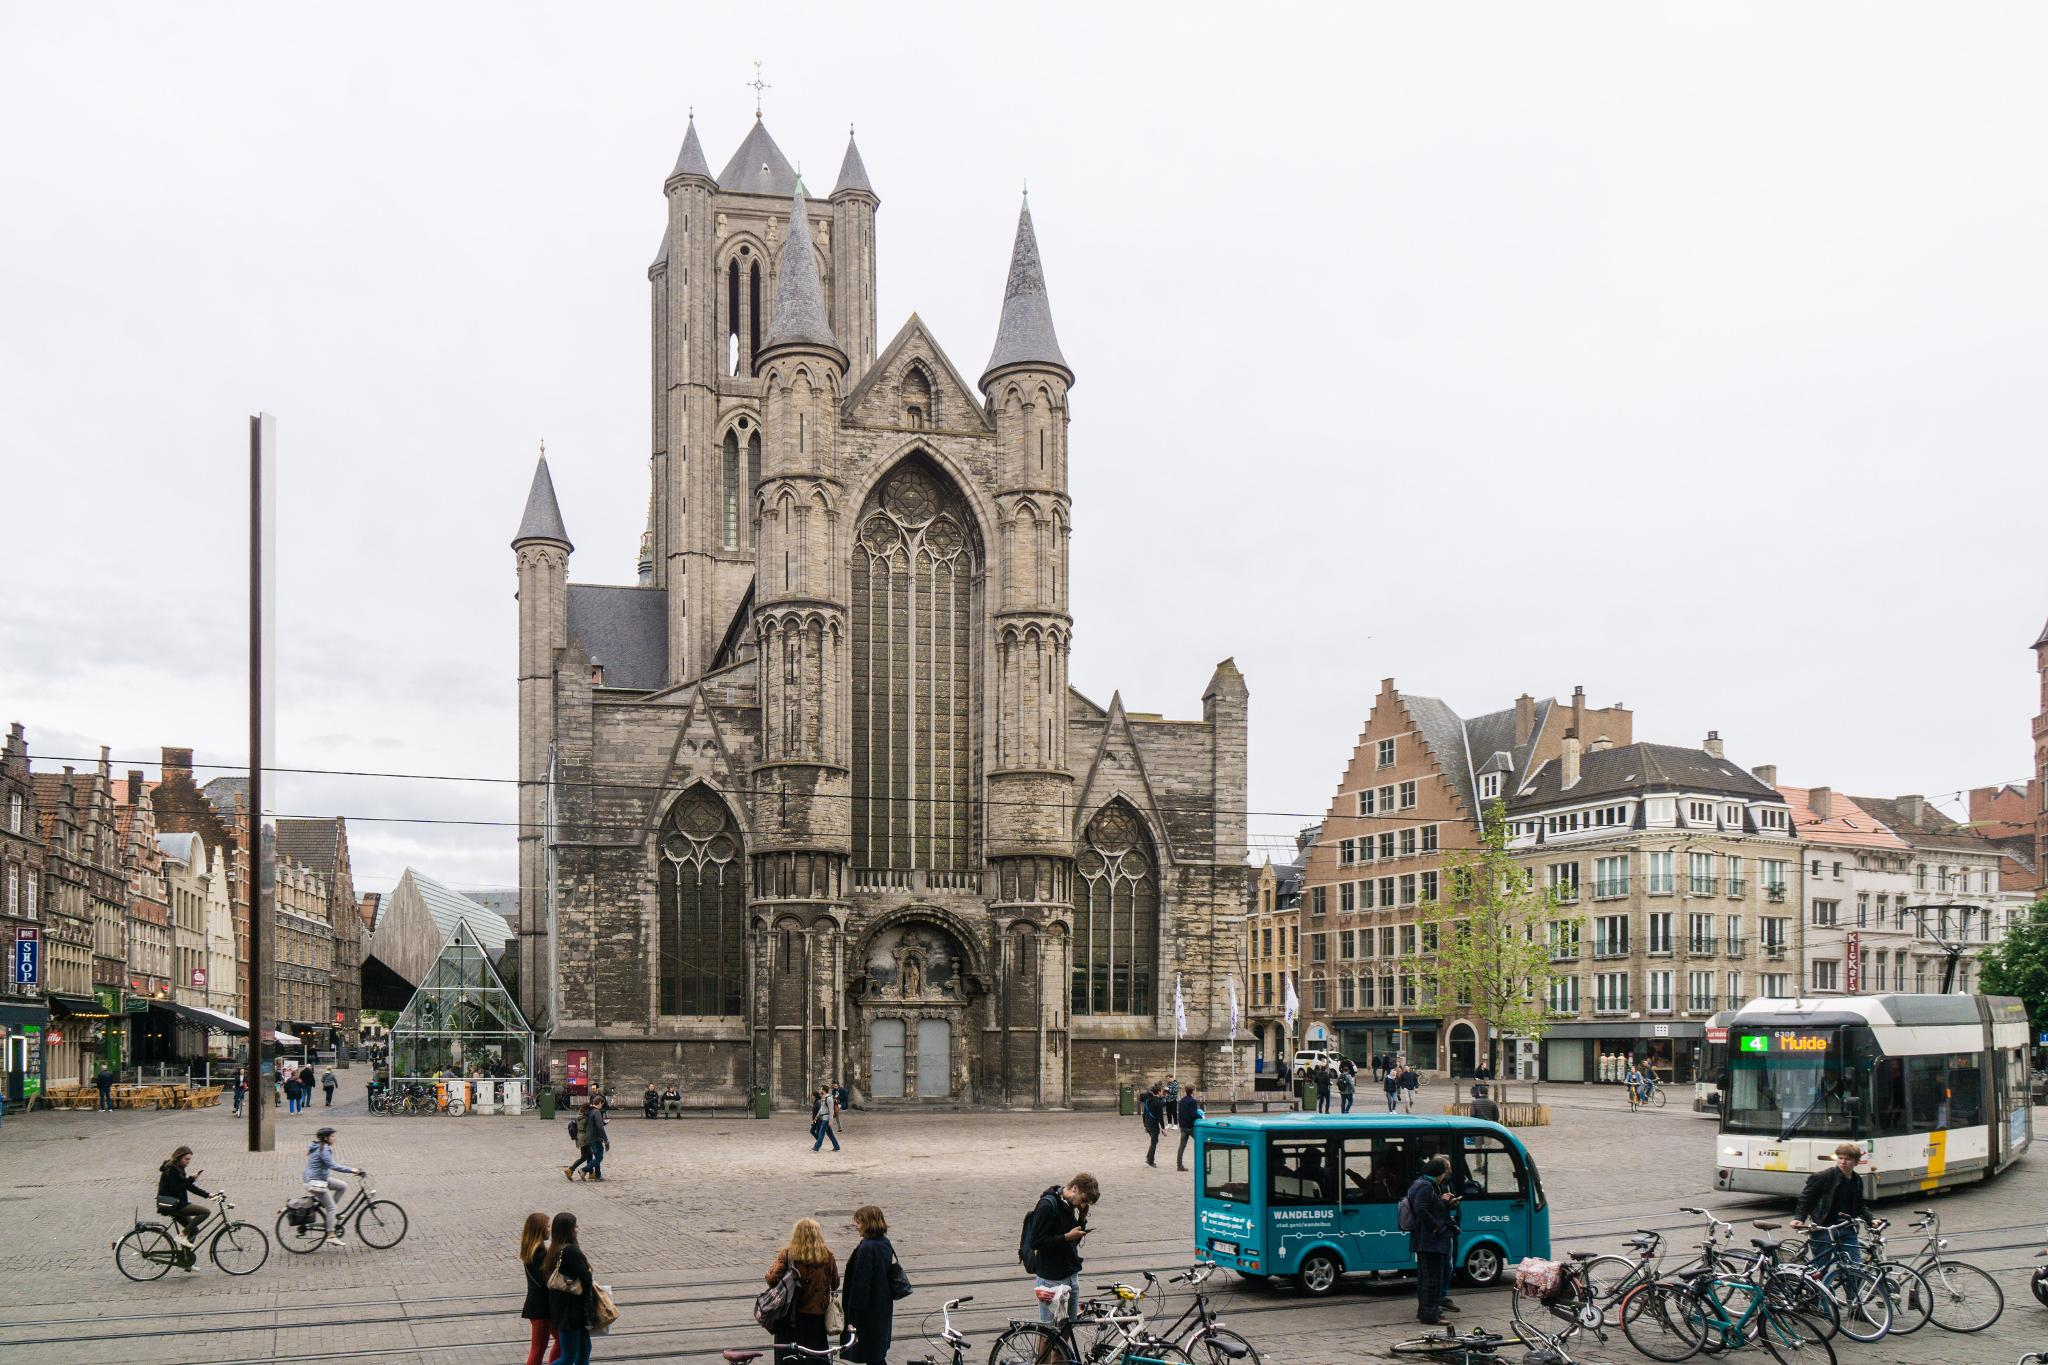 【比利時】穿梭中世紀的大城小事 — 比利時根特 (Ghent) 散步景點總整理 101